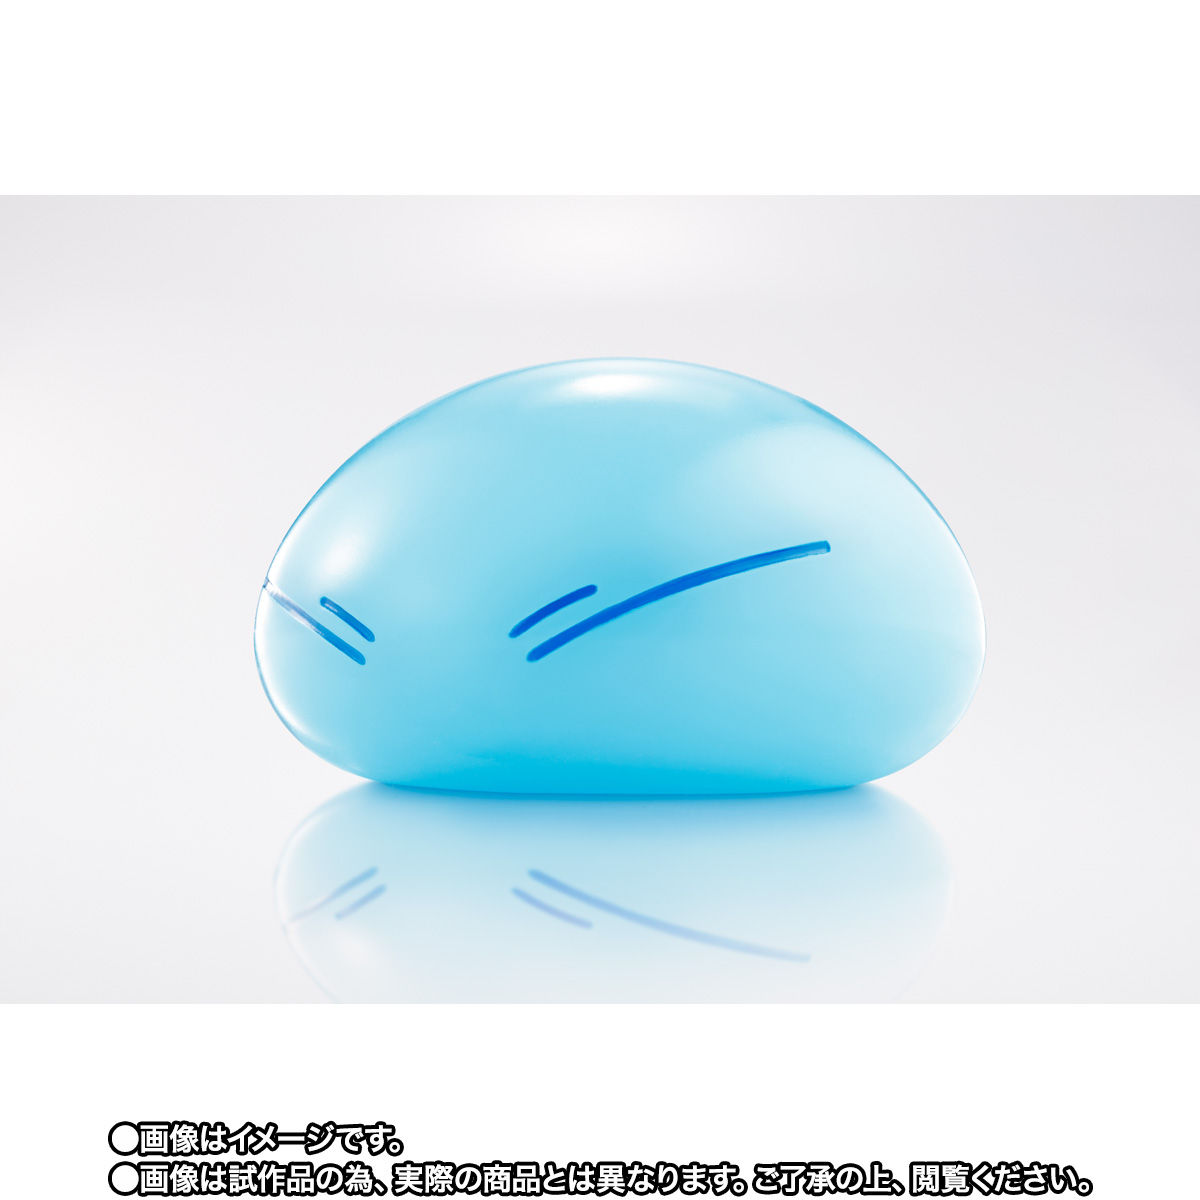 【限定販売】PROPLICA『リムル=テンペスト』フィギュア-004